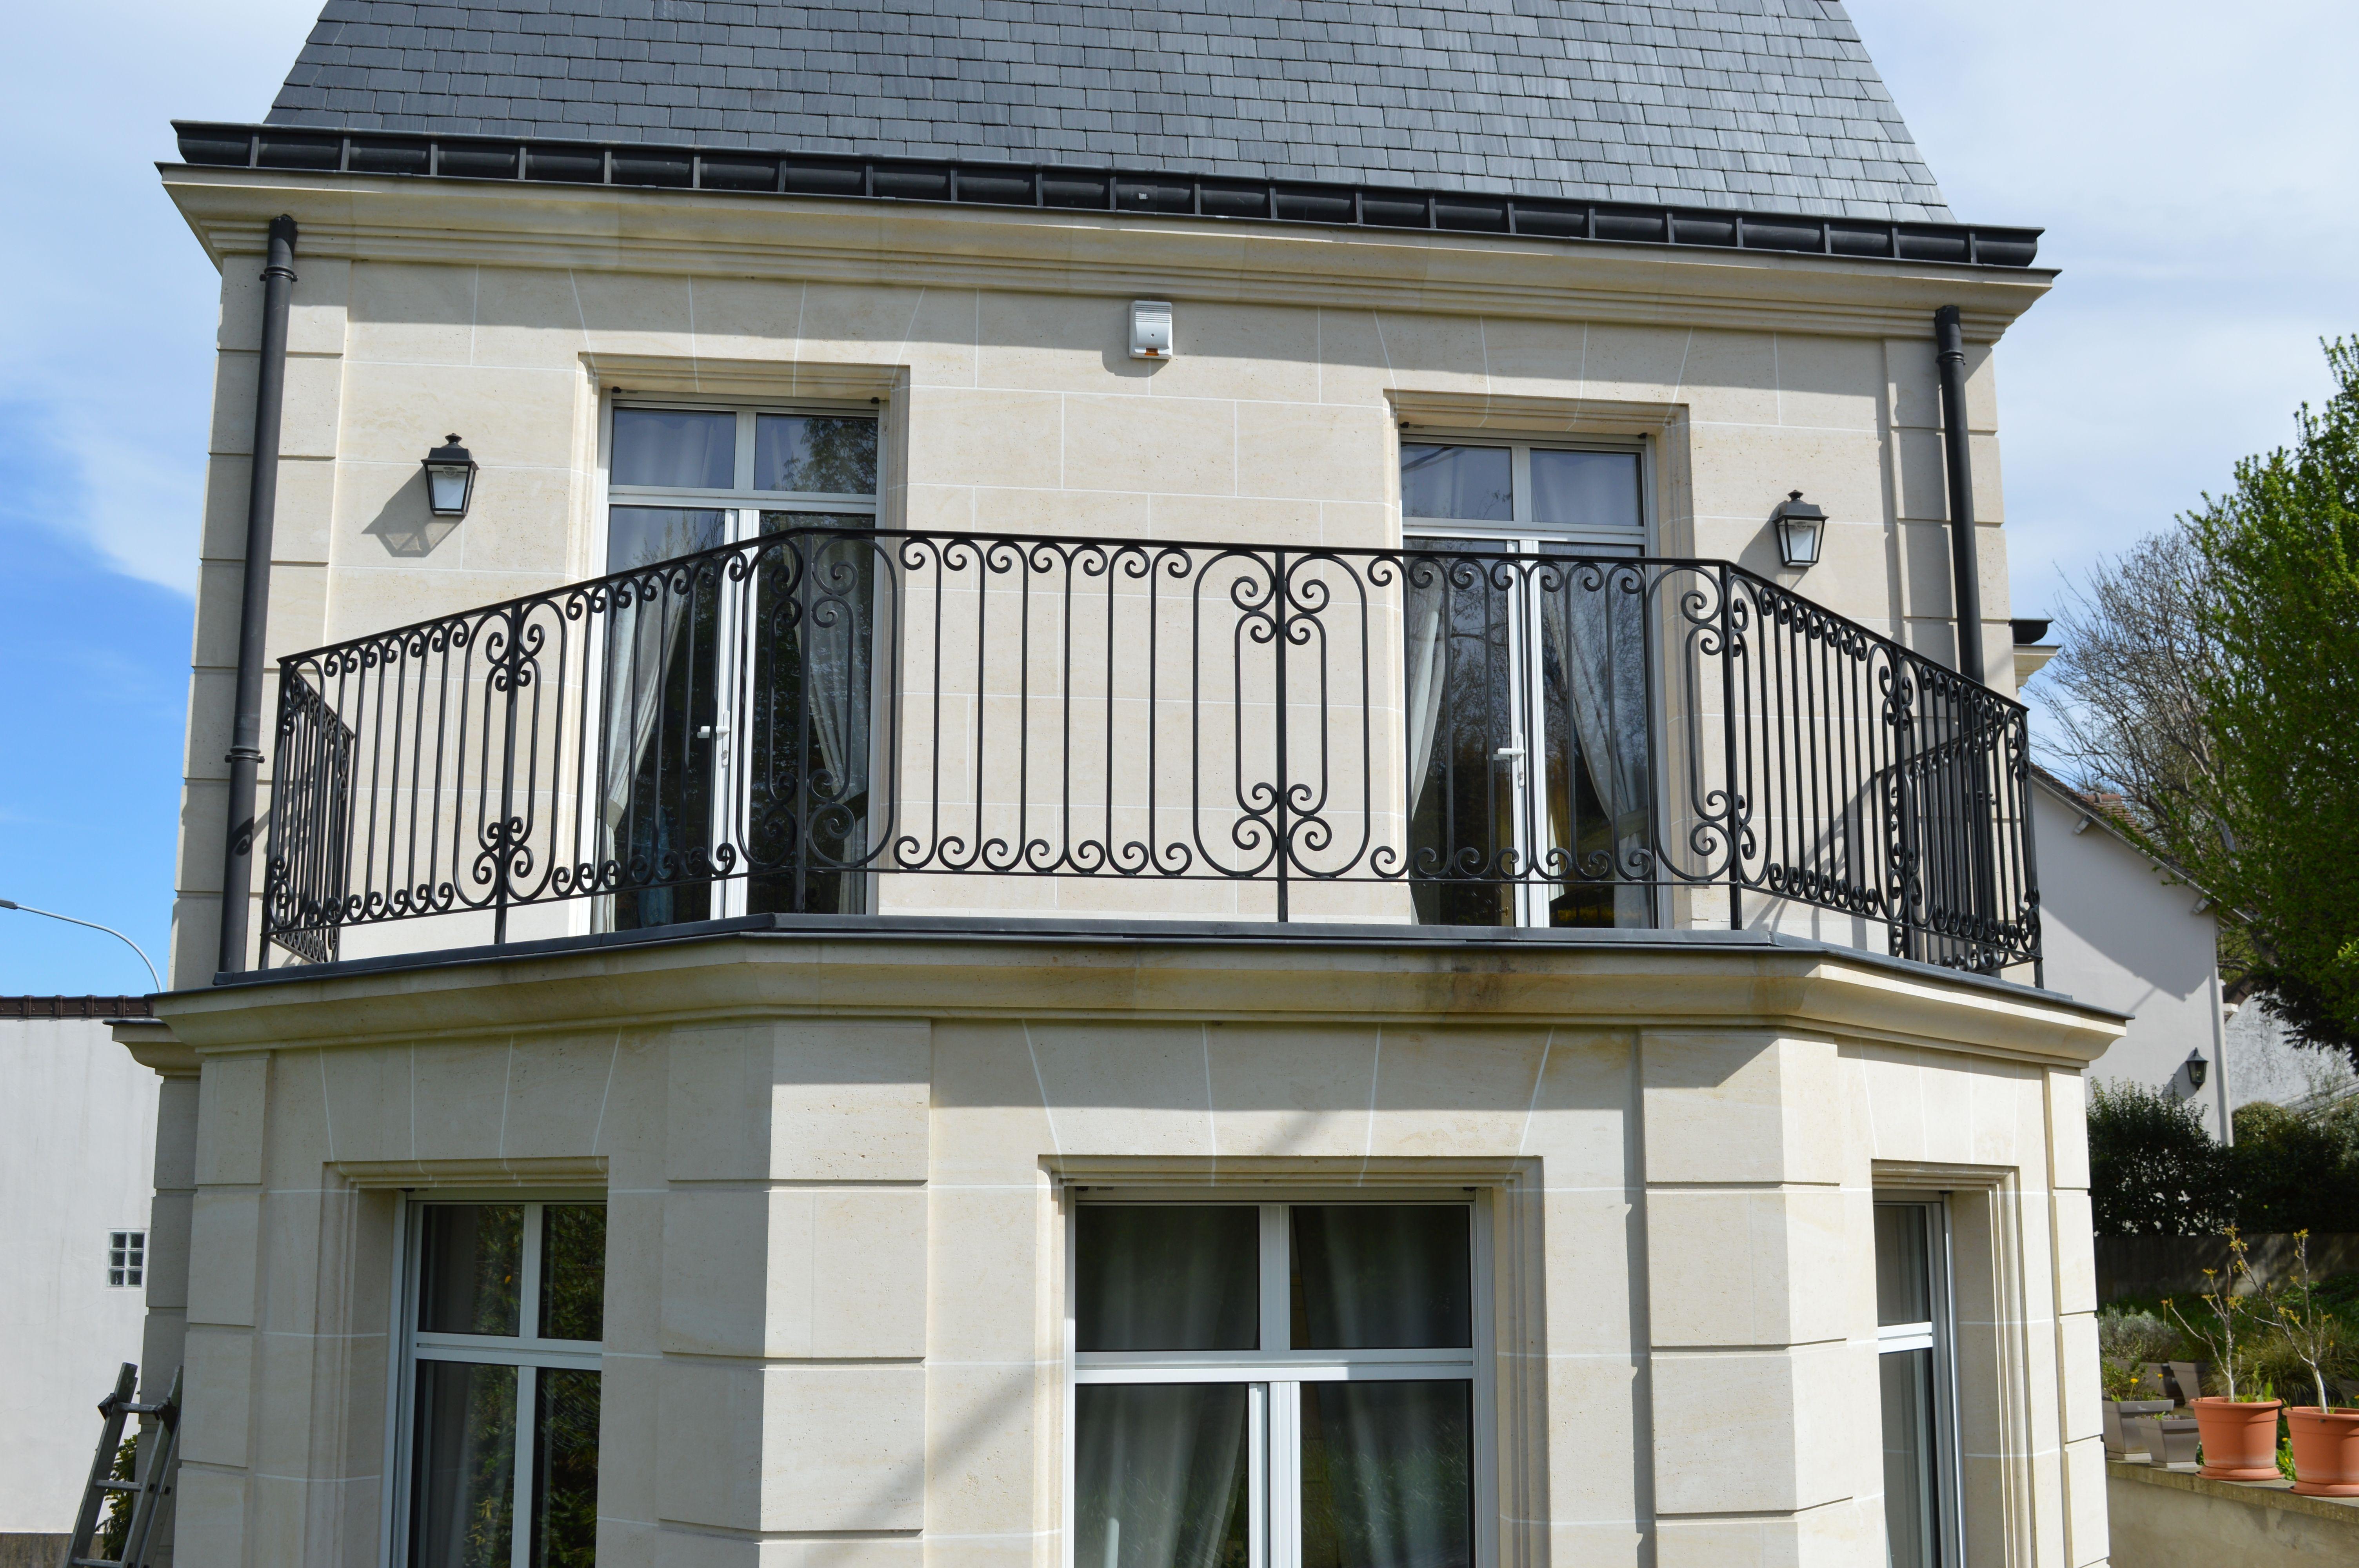 Terrasse Bois Et Fer garde-corps en fer forgé de terrasse balcon maison mansarde